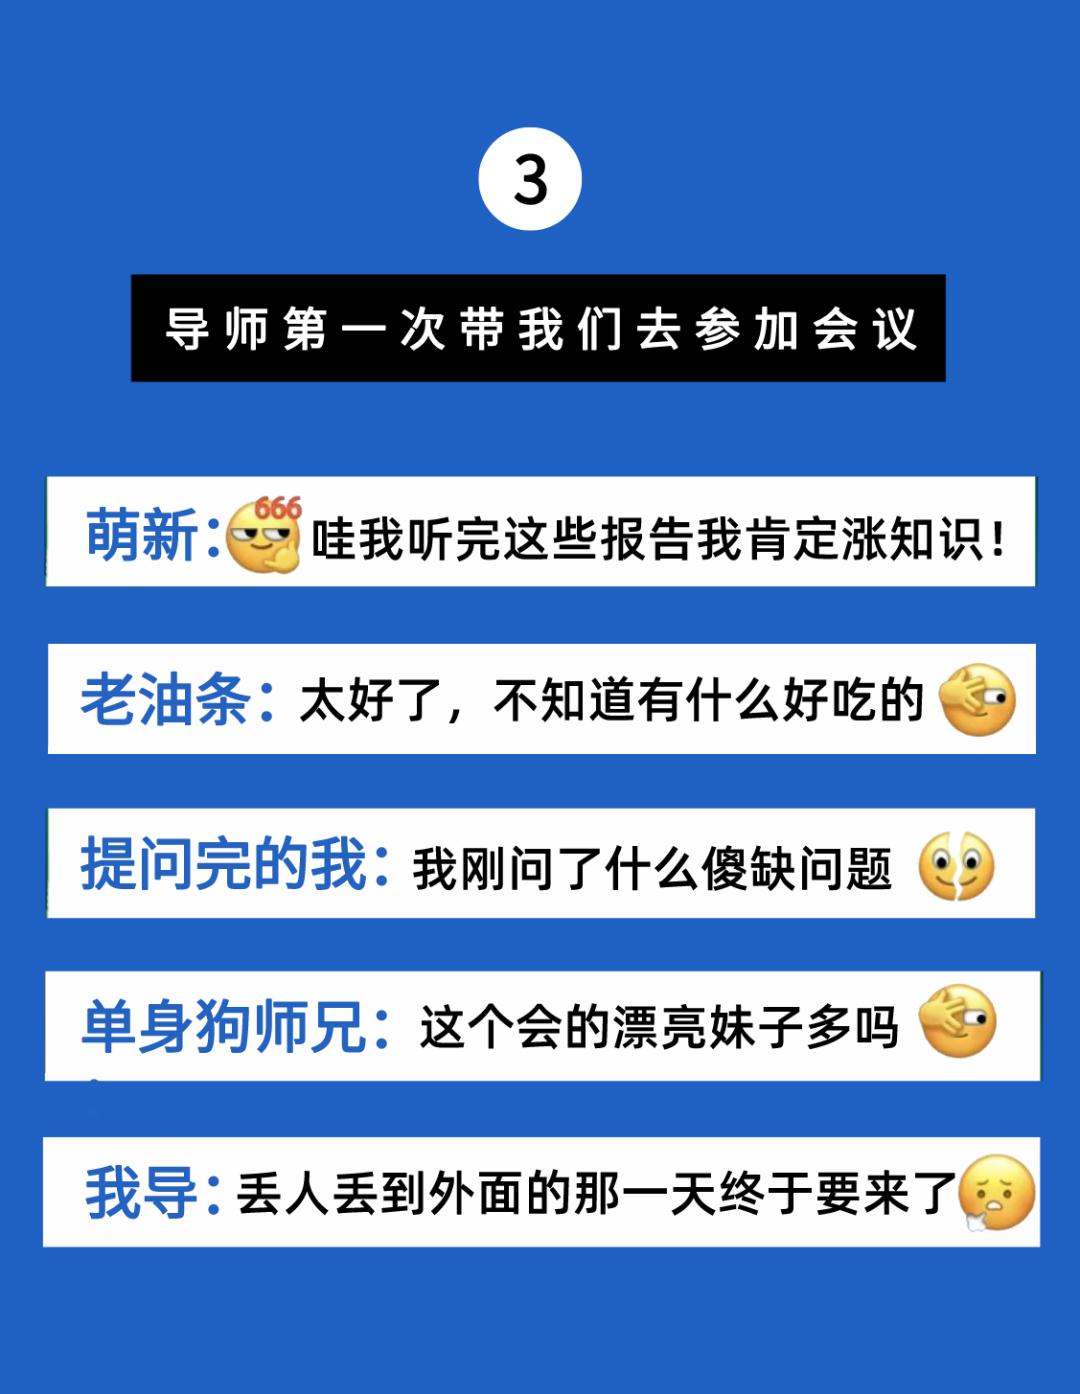 5微信新表情大赏——科研狗的正确使用方法!.png